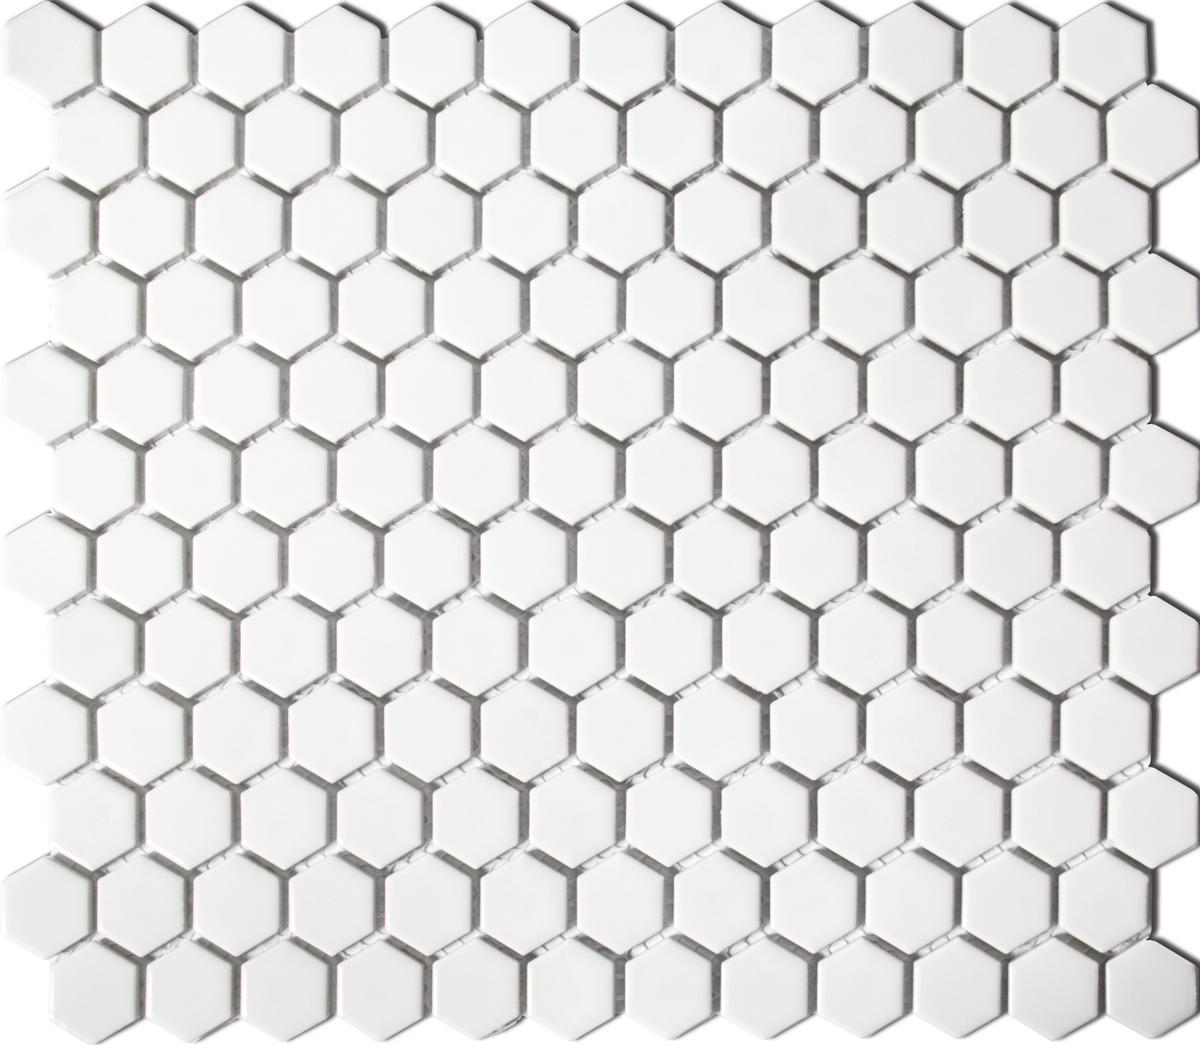 HX050[OUTLET], Hexagon, Valkoinen, lattia,mosaiikki